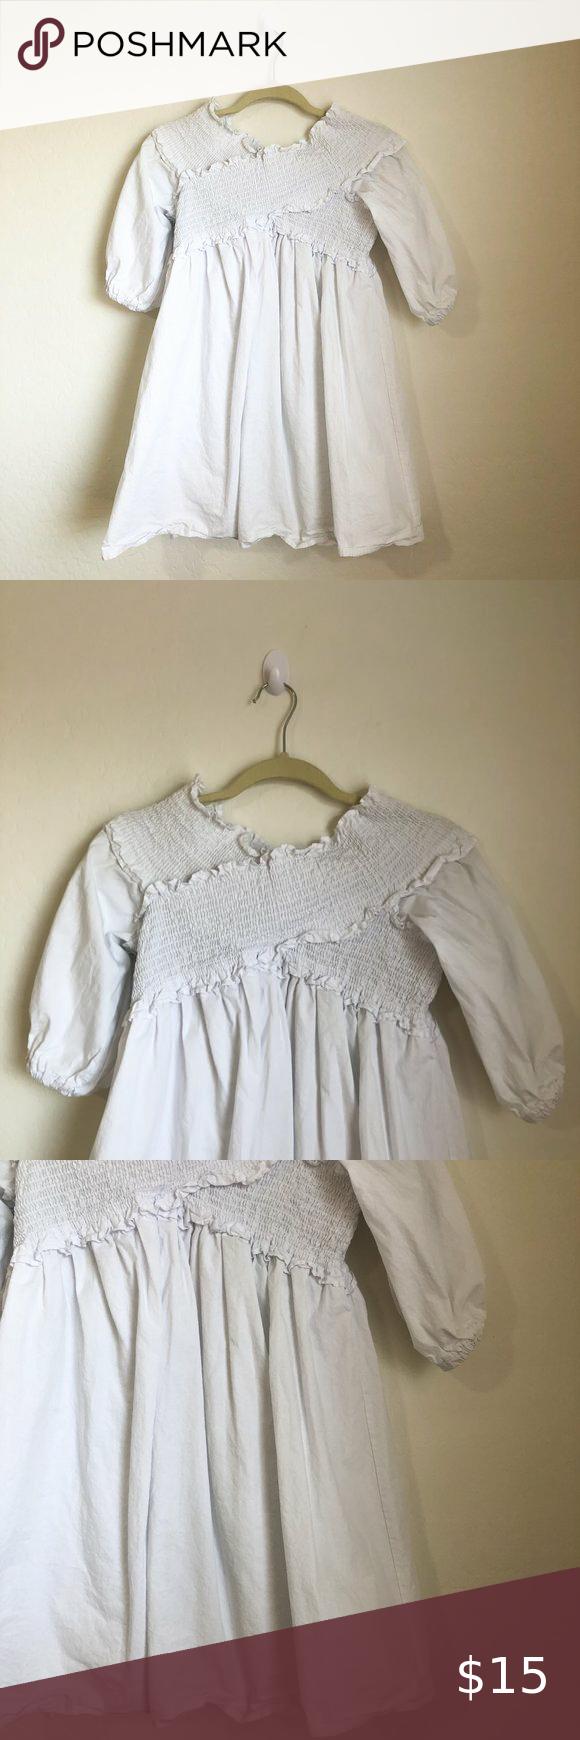 Stein Mart Vasna White Off The Shoulder Dress White Off Shoulder Shoulder Dress Off The Shoulder [ 1740 x 580 Pixel ]